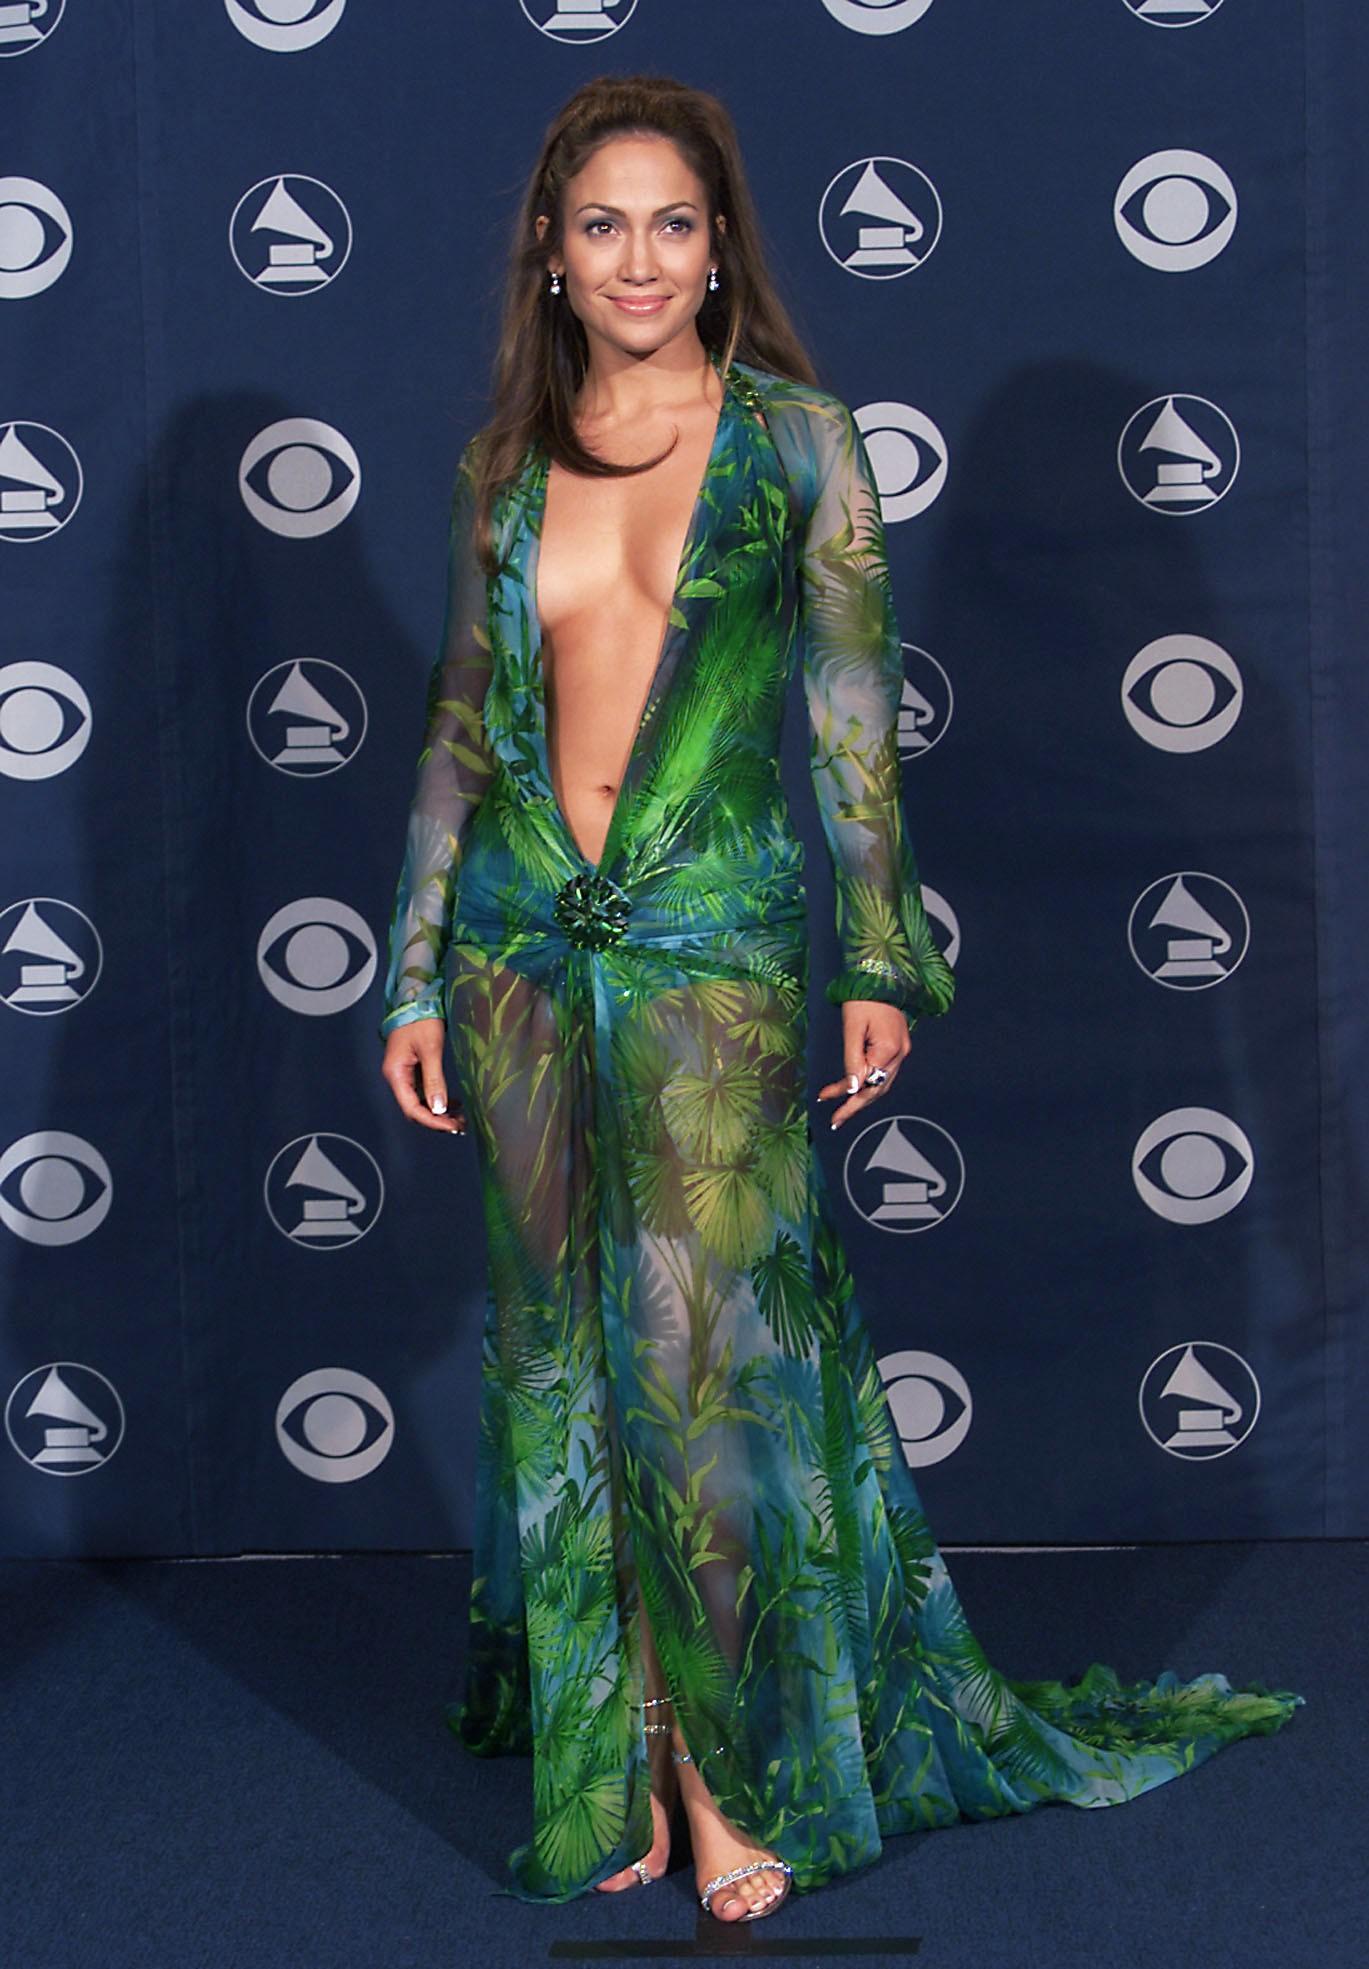 O Versace verde utilizado por J-Lo em 2000 teve um dos decotes mais reveladores da história do prêmio. (Foto: Getty Images)